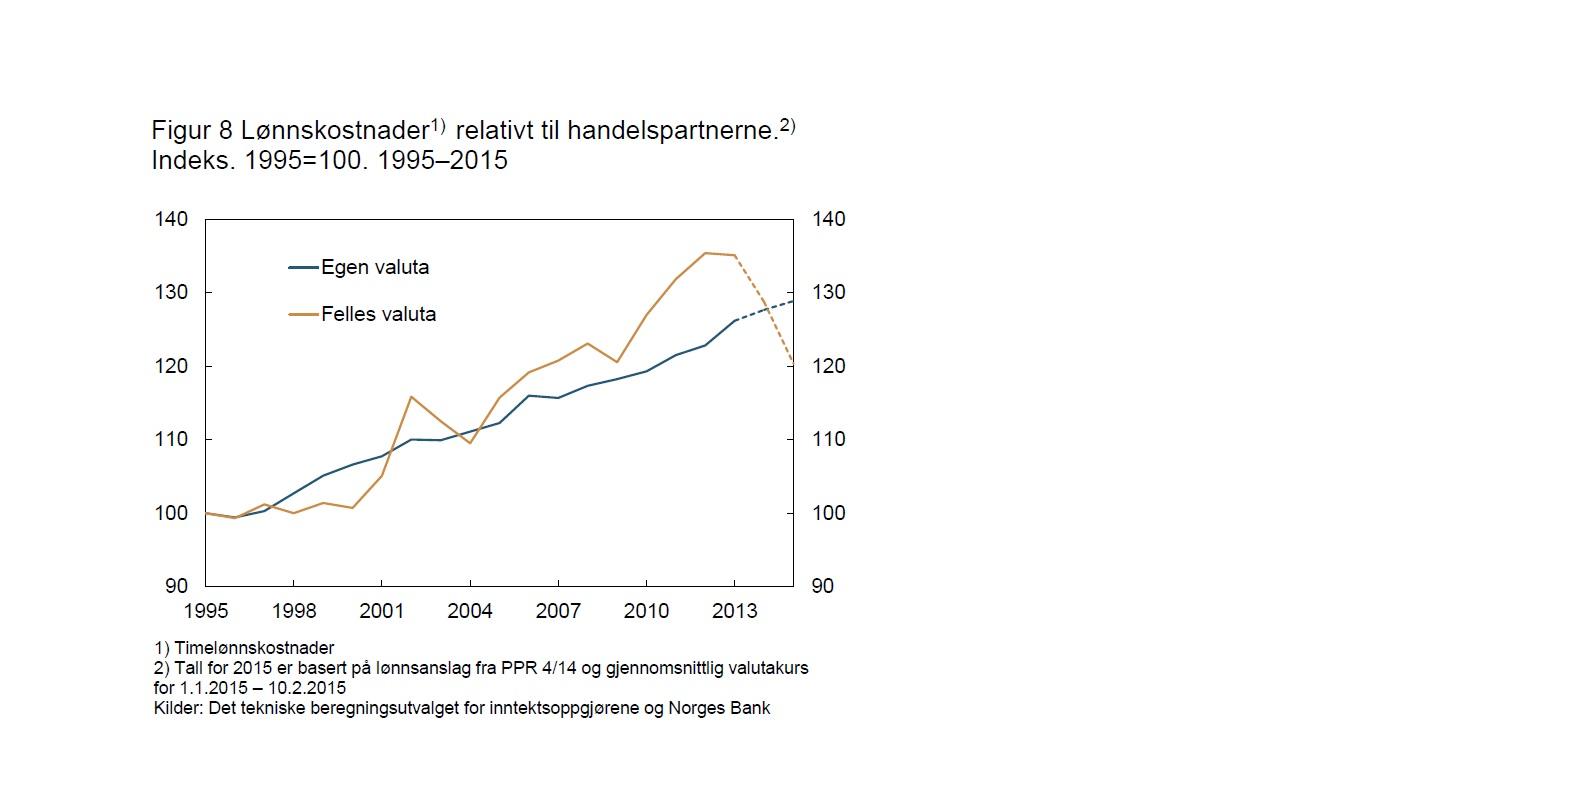 norges bank valutakurser